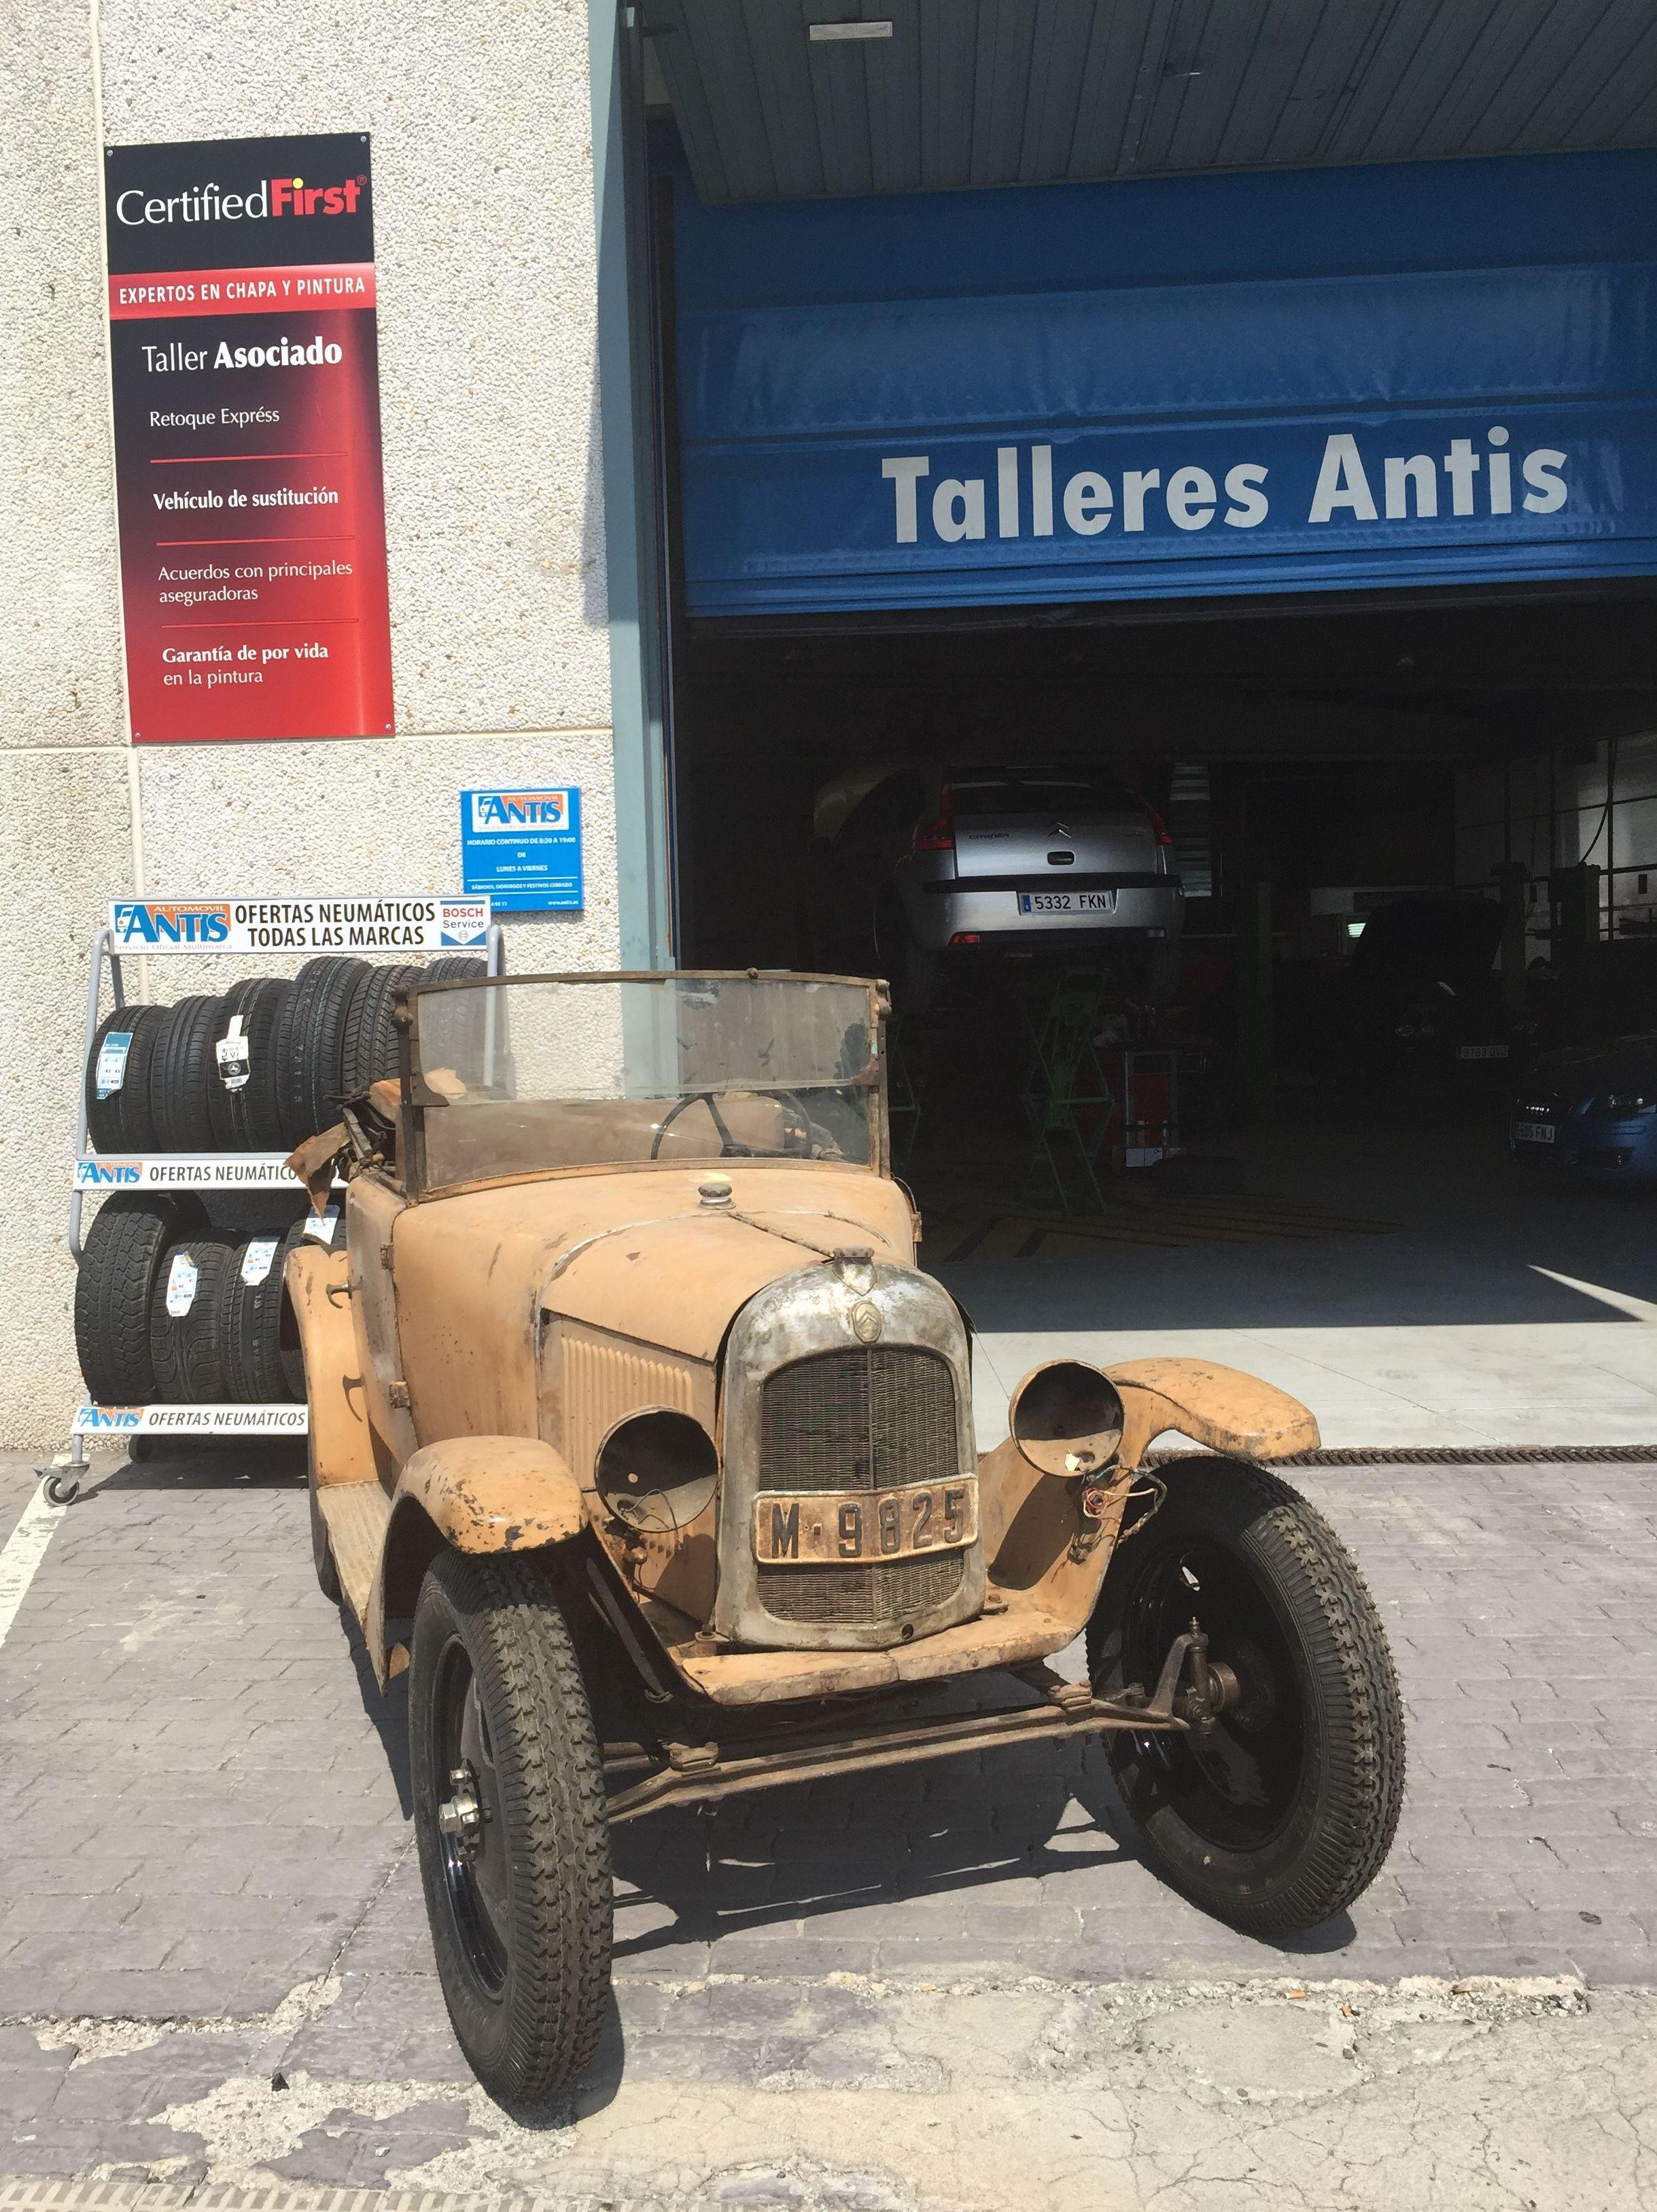 Foto 19 de Compraventa de automóviles en Guadarrama | Talleres Antis